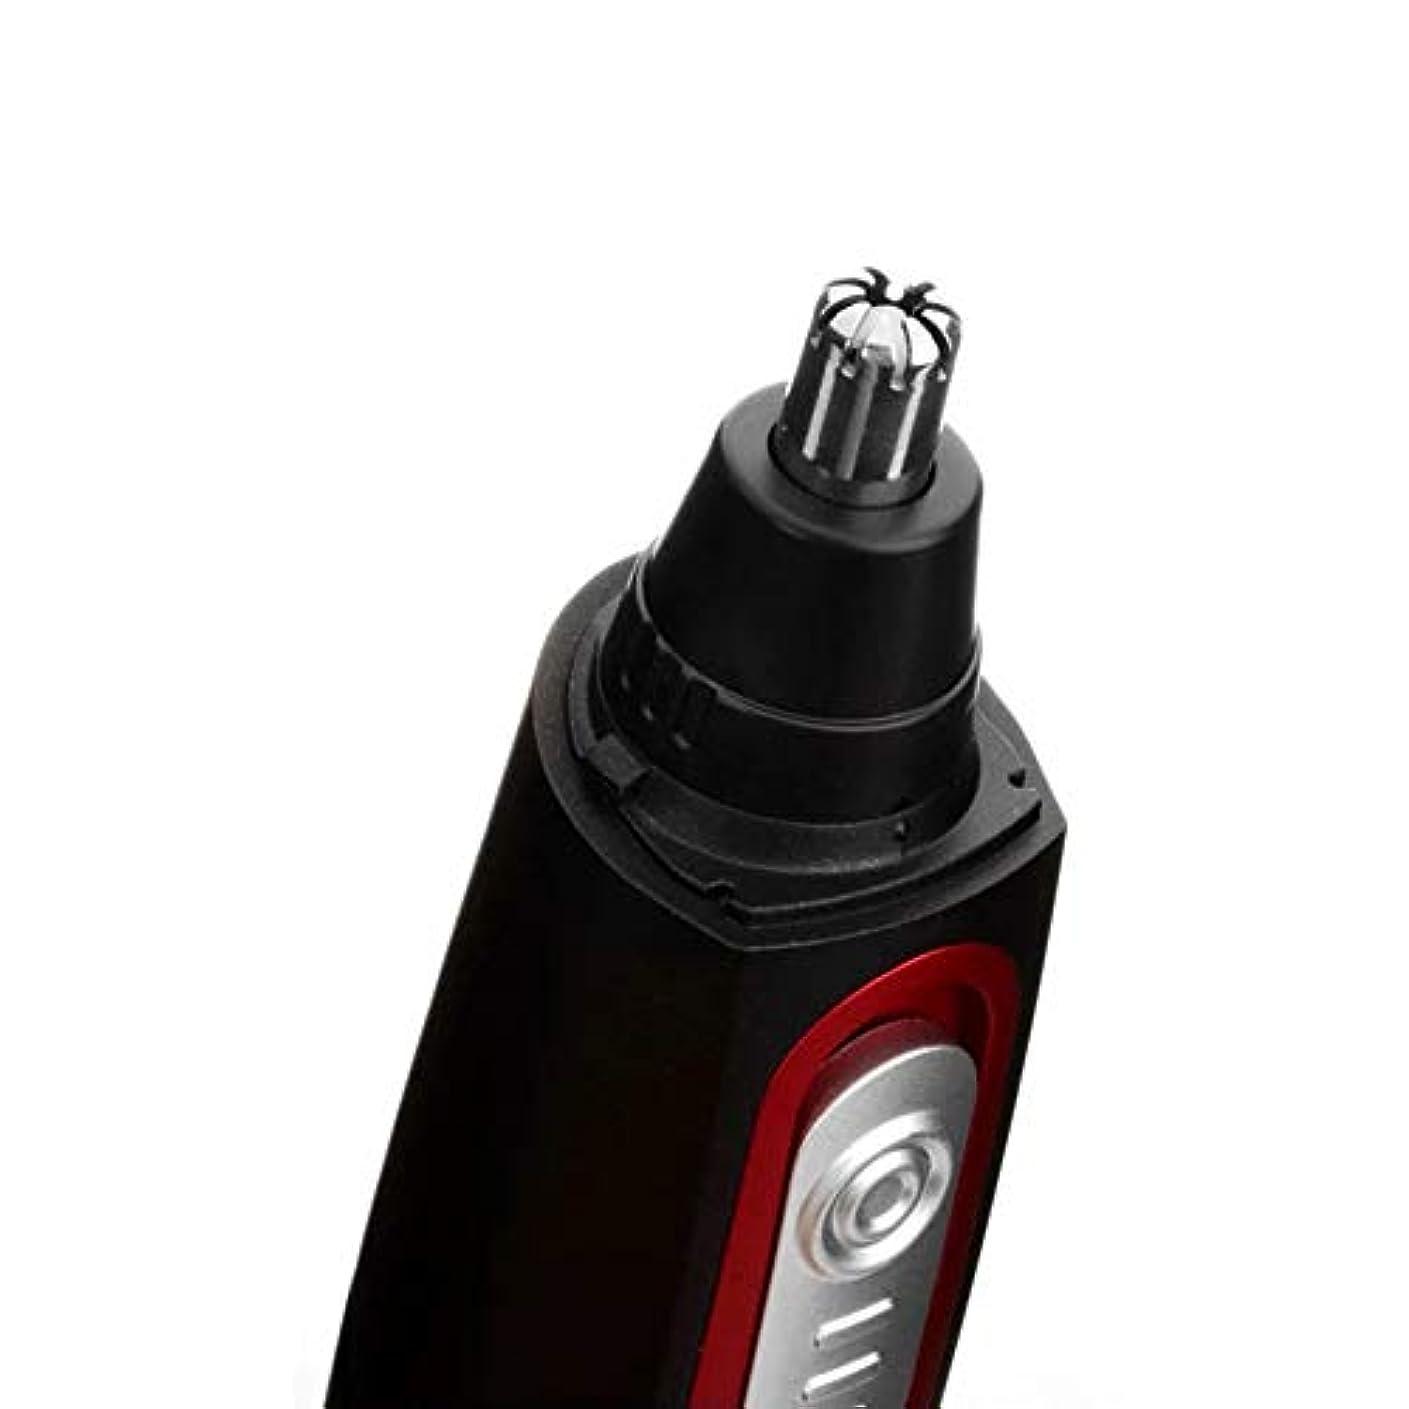 ノーズヘアトリマー/メンズシェービングノーズヘアスクレーピングノーズヘアハサミ/ 360°効果的なキャプチャー/三次元ロータリーカッターヘッドデザイン/ 14cm 操作が簡単